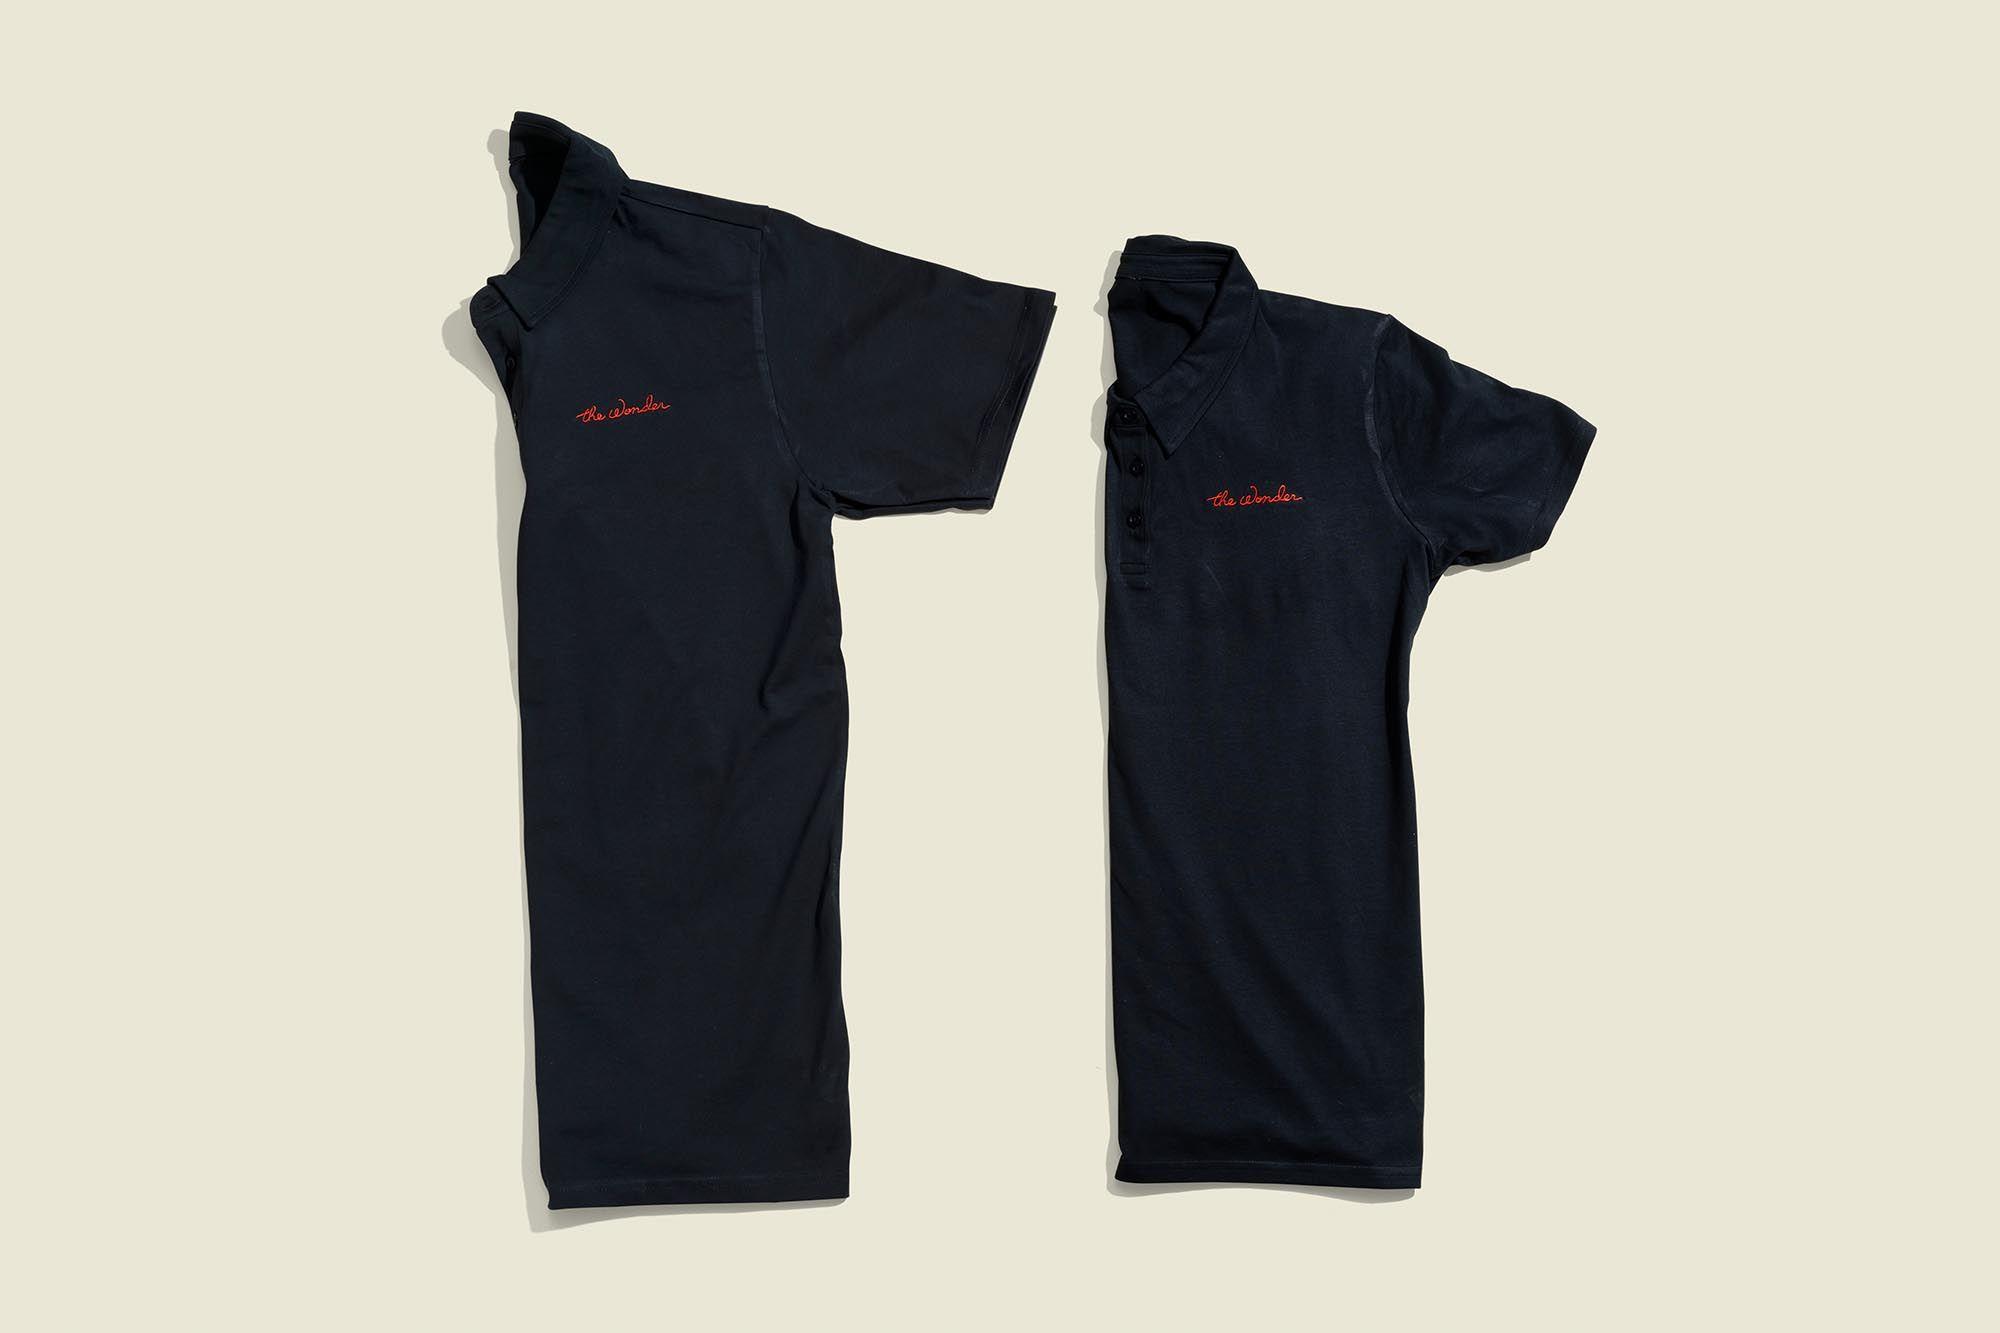 Two button down black shirts